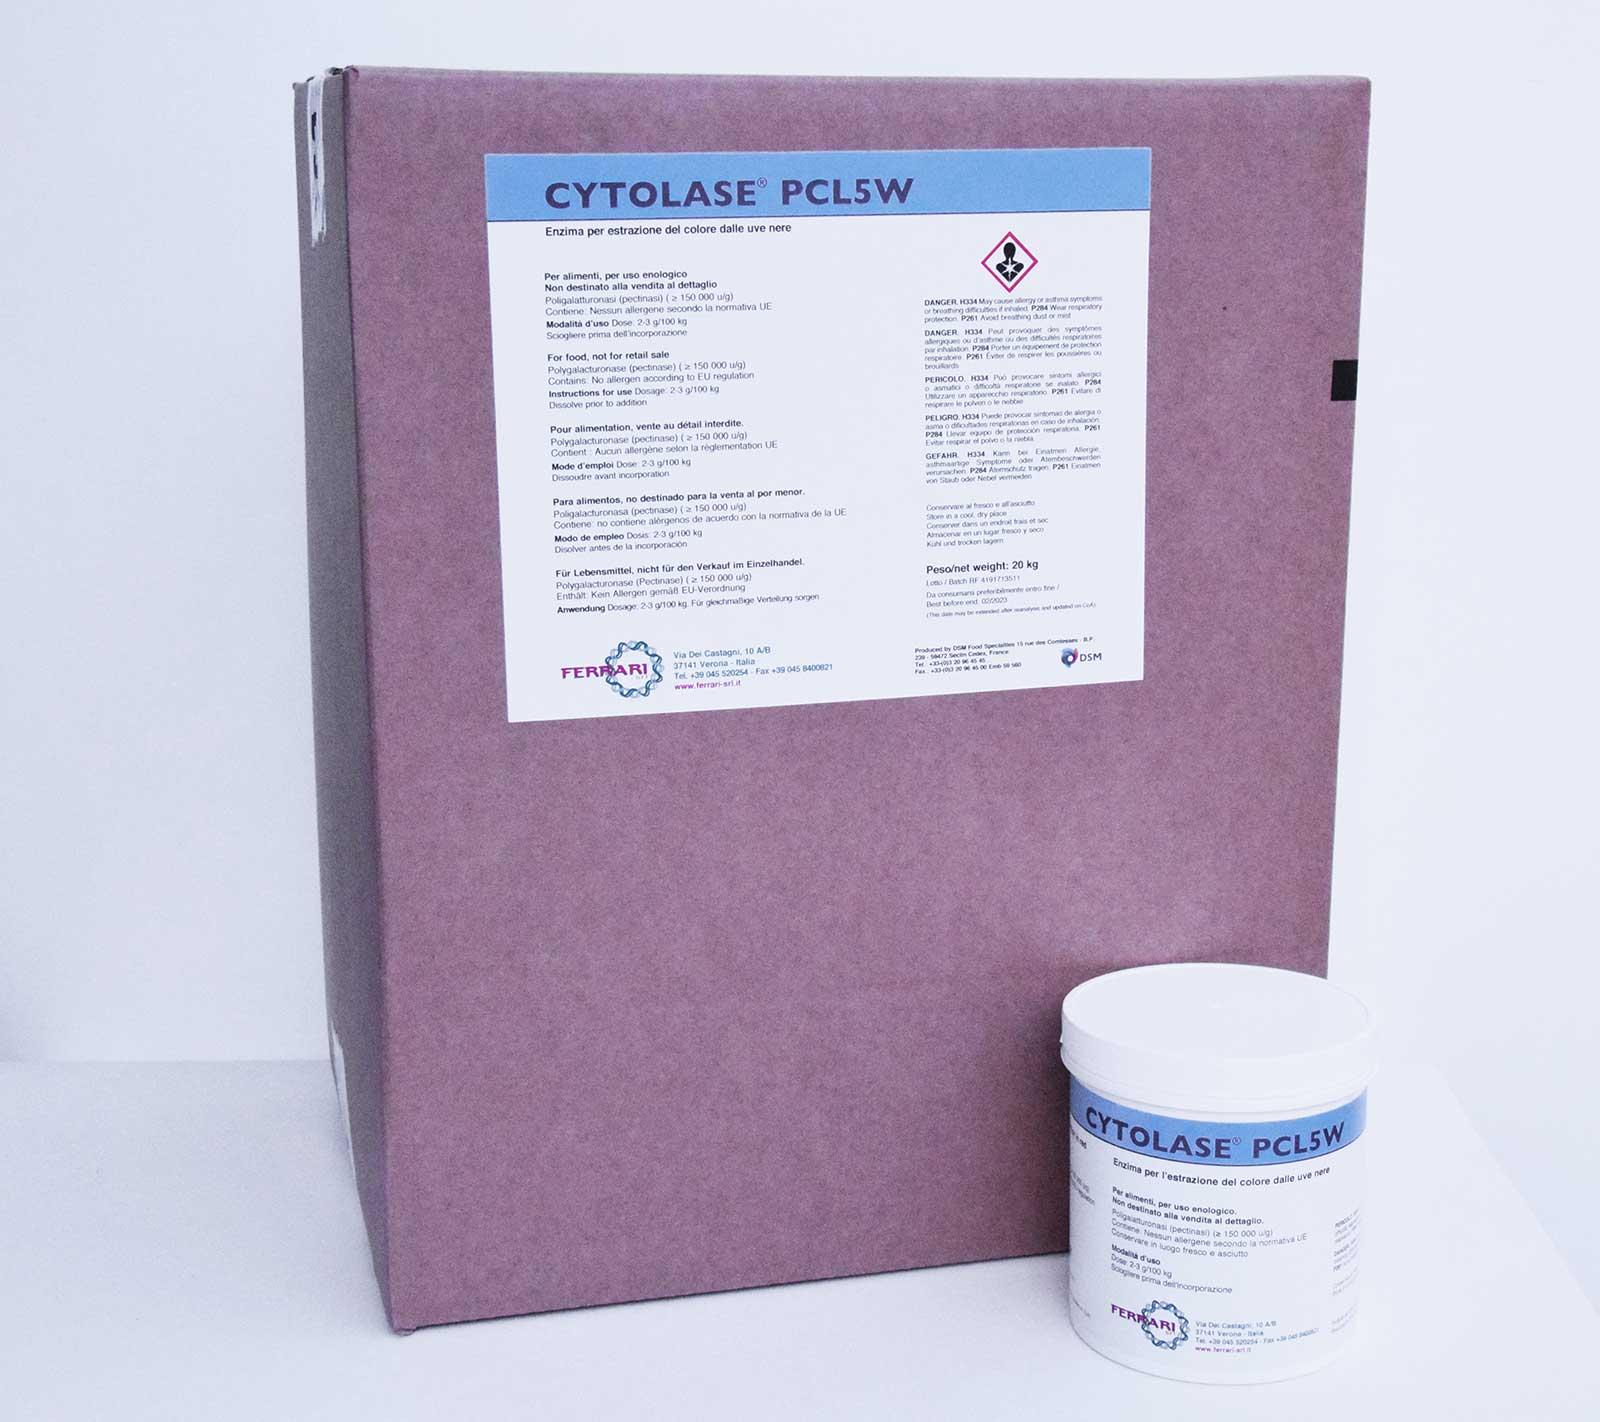 CYTOLASE-PCL5W